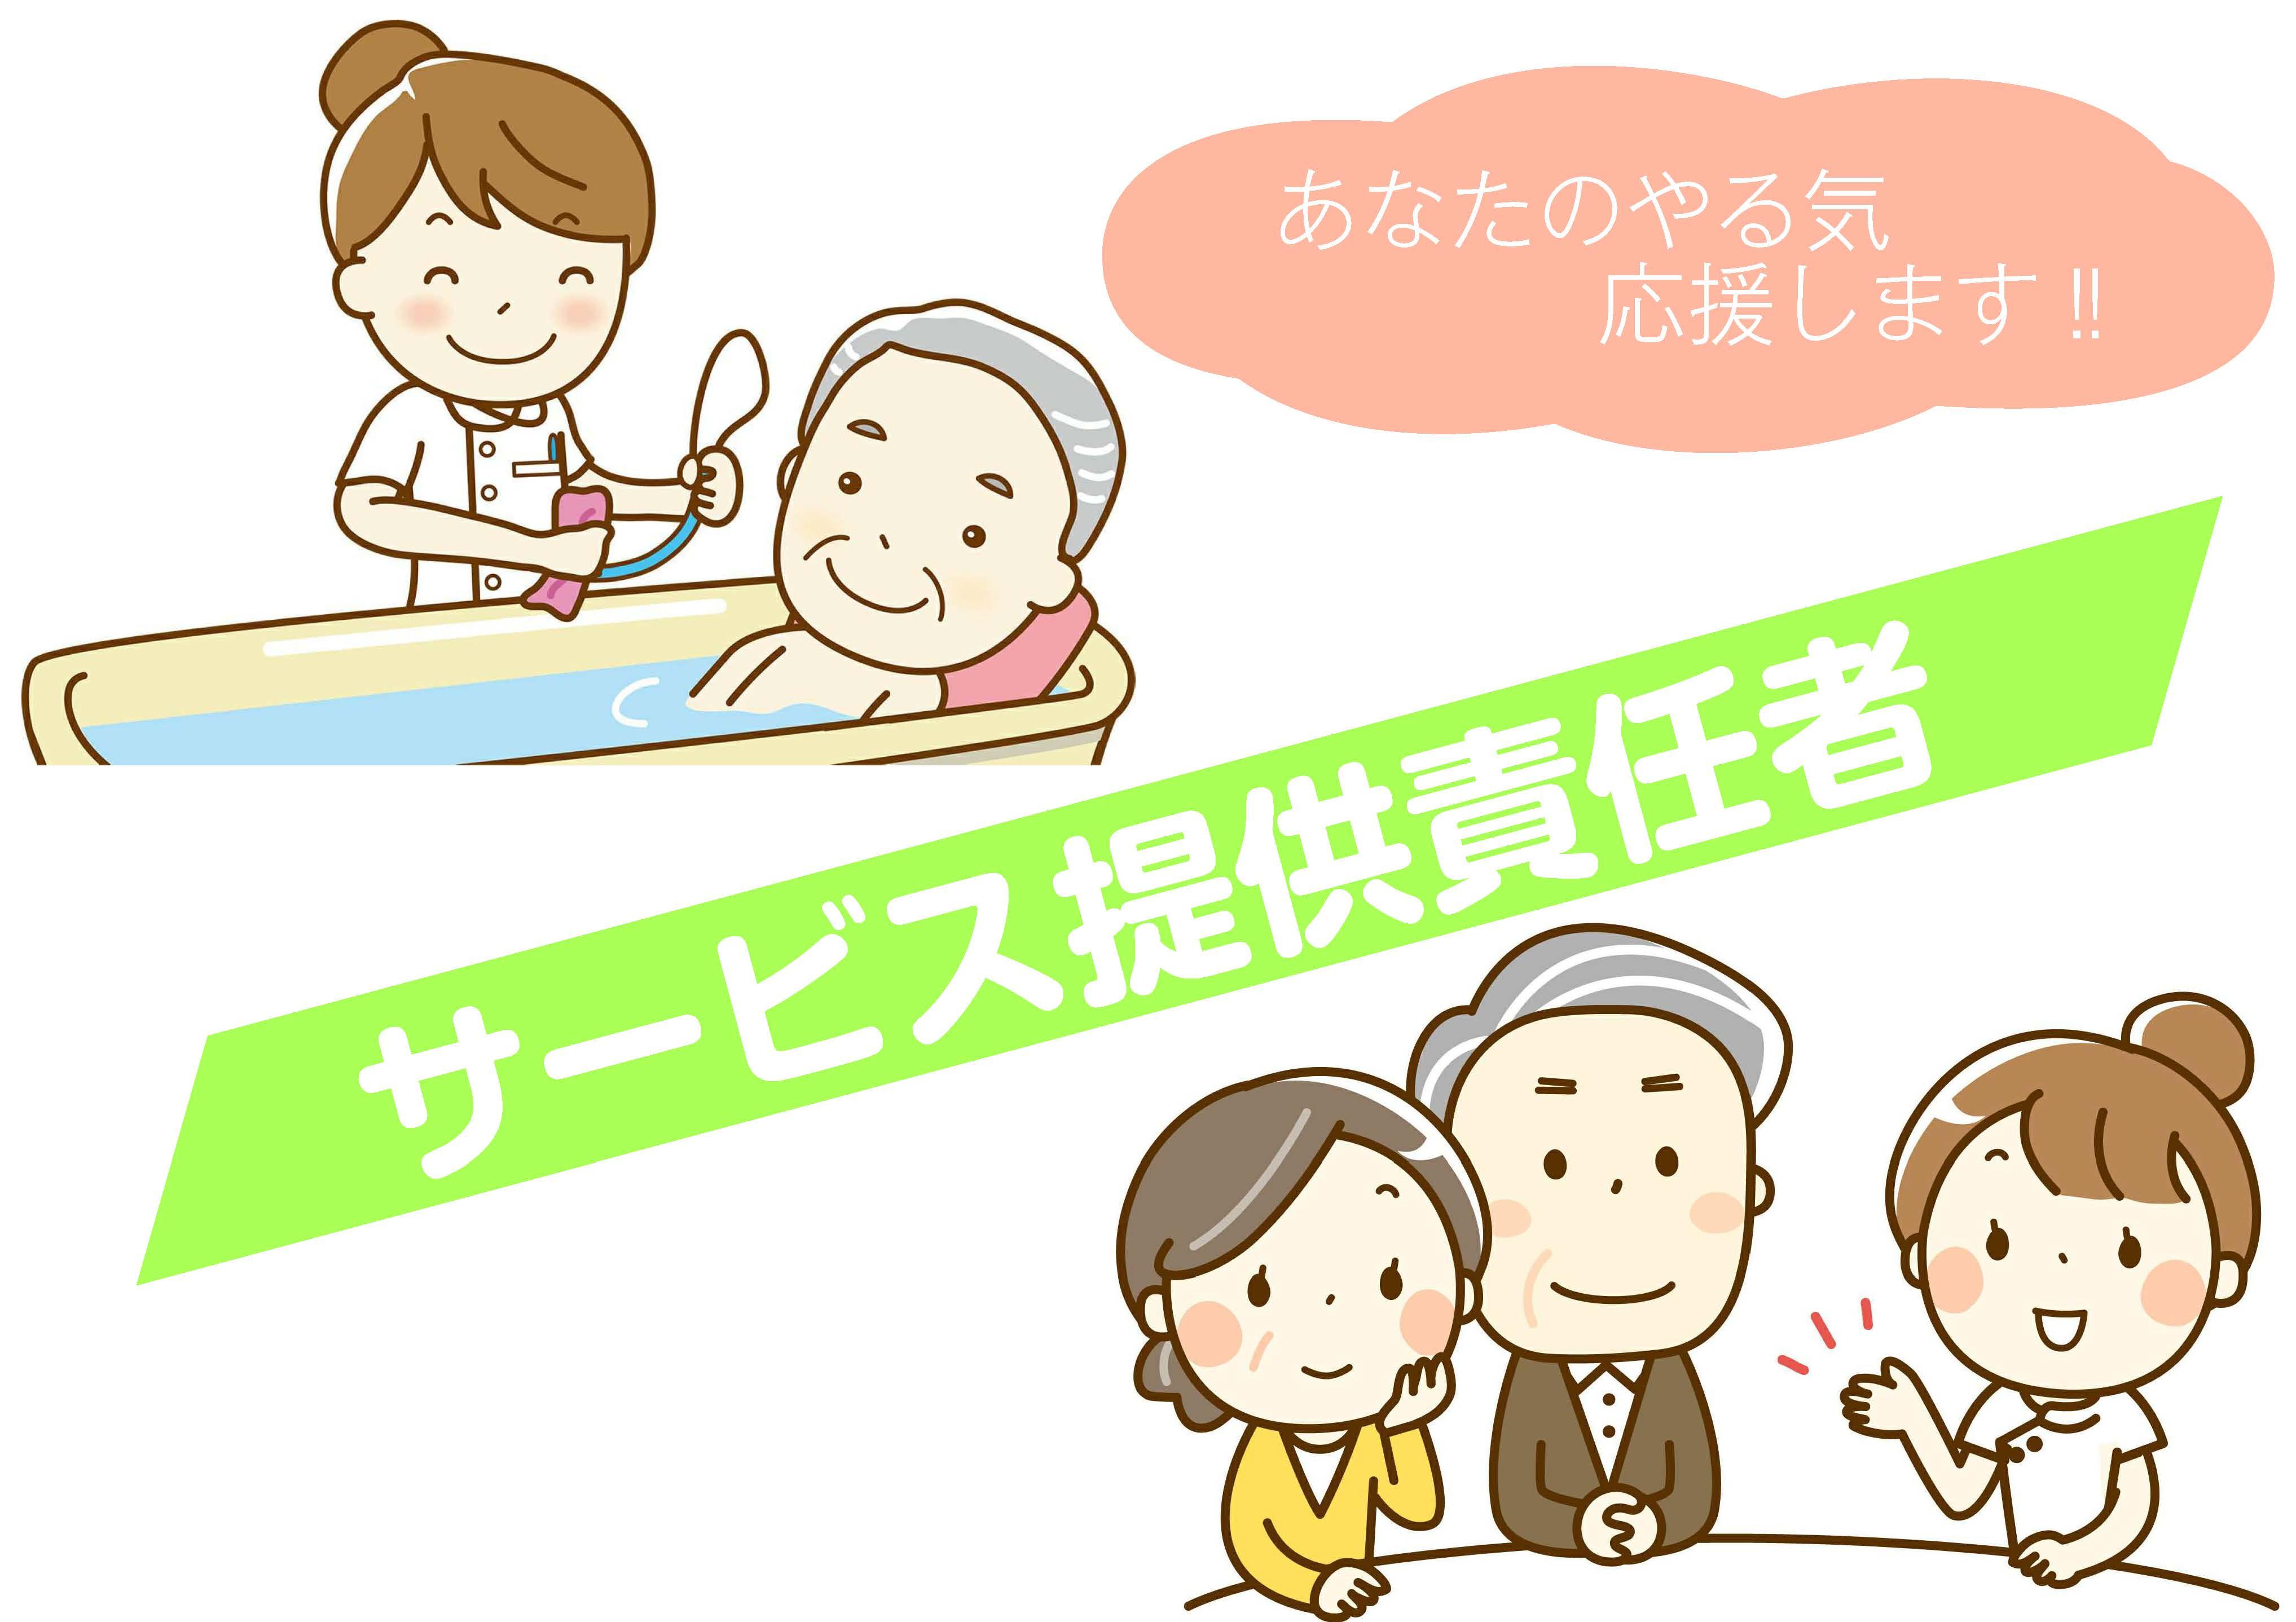 (うるま市上江洲)訪問介護(サービス提供責任者/正社員)手当、昇給、賞与充実!(KYO) イメージ